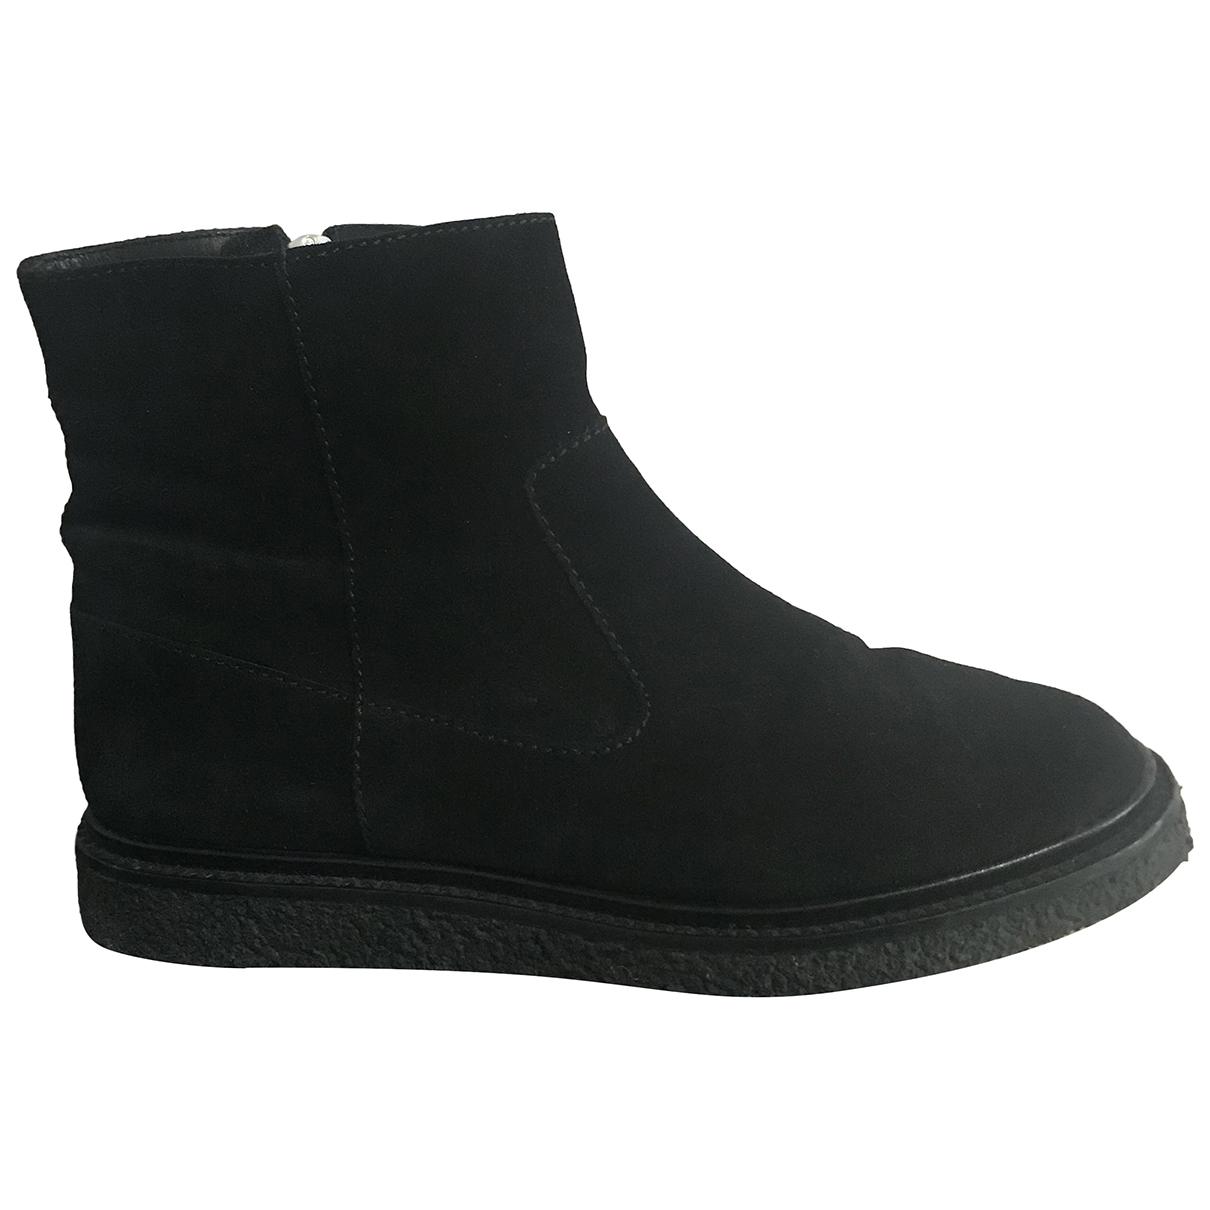 Isabel Marant - Boots   pour femme en suede - noir